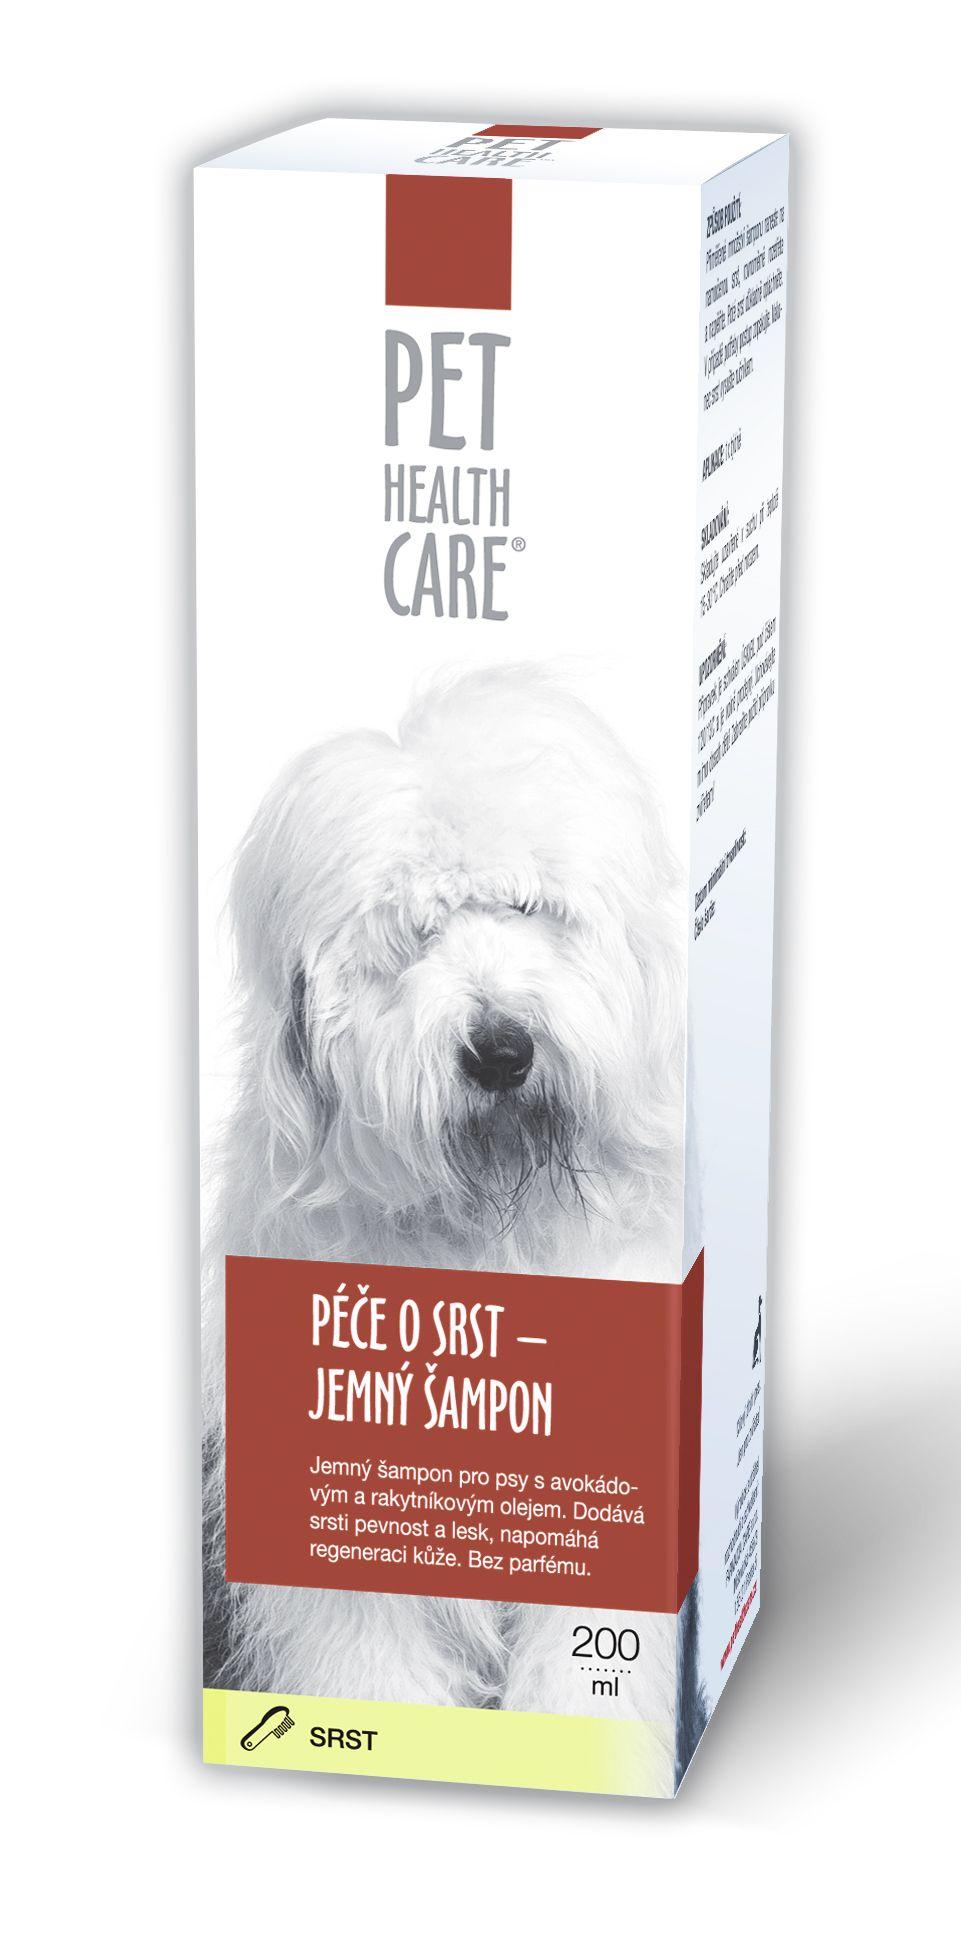 Pet health care Péče o srst jemný šampon 200 ml